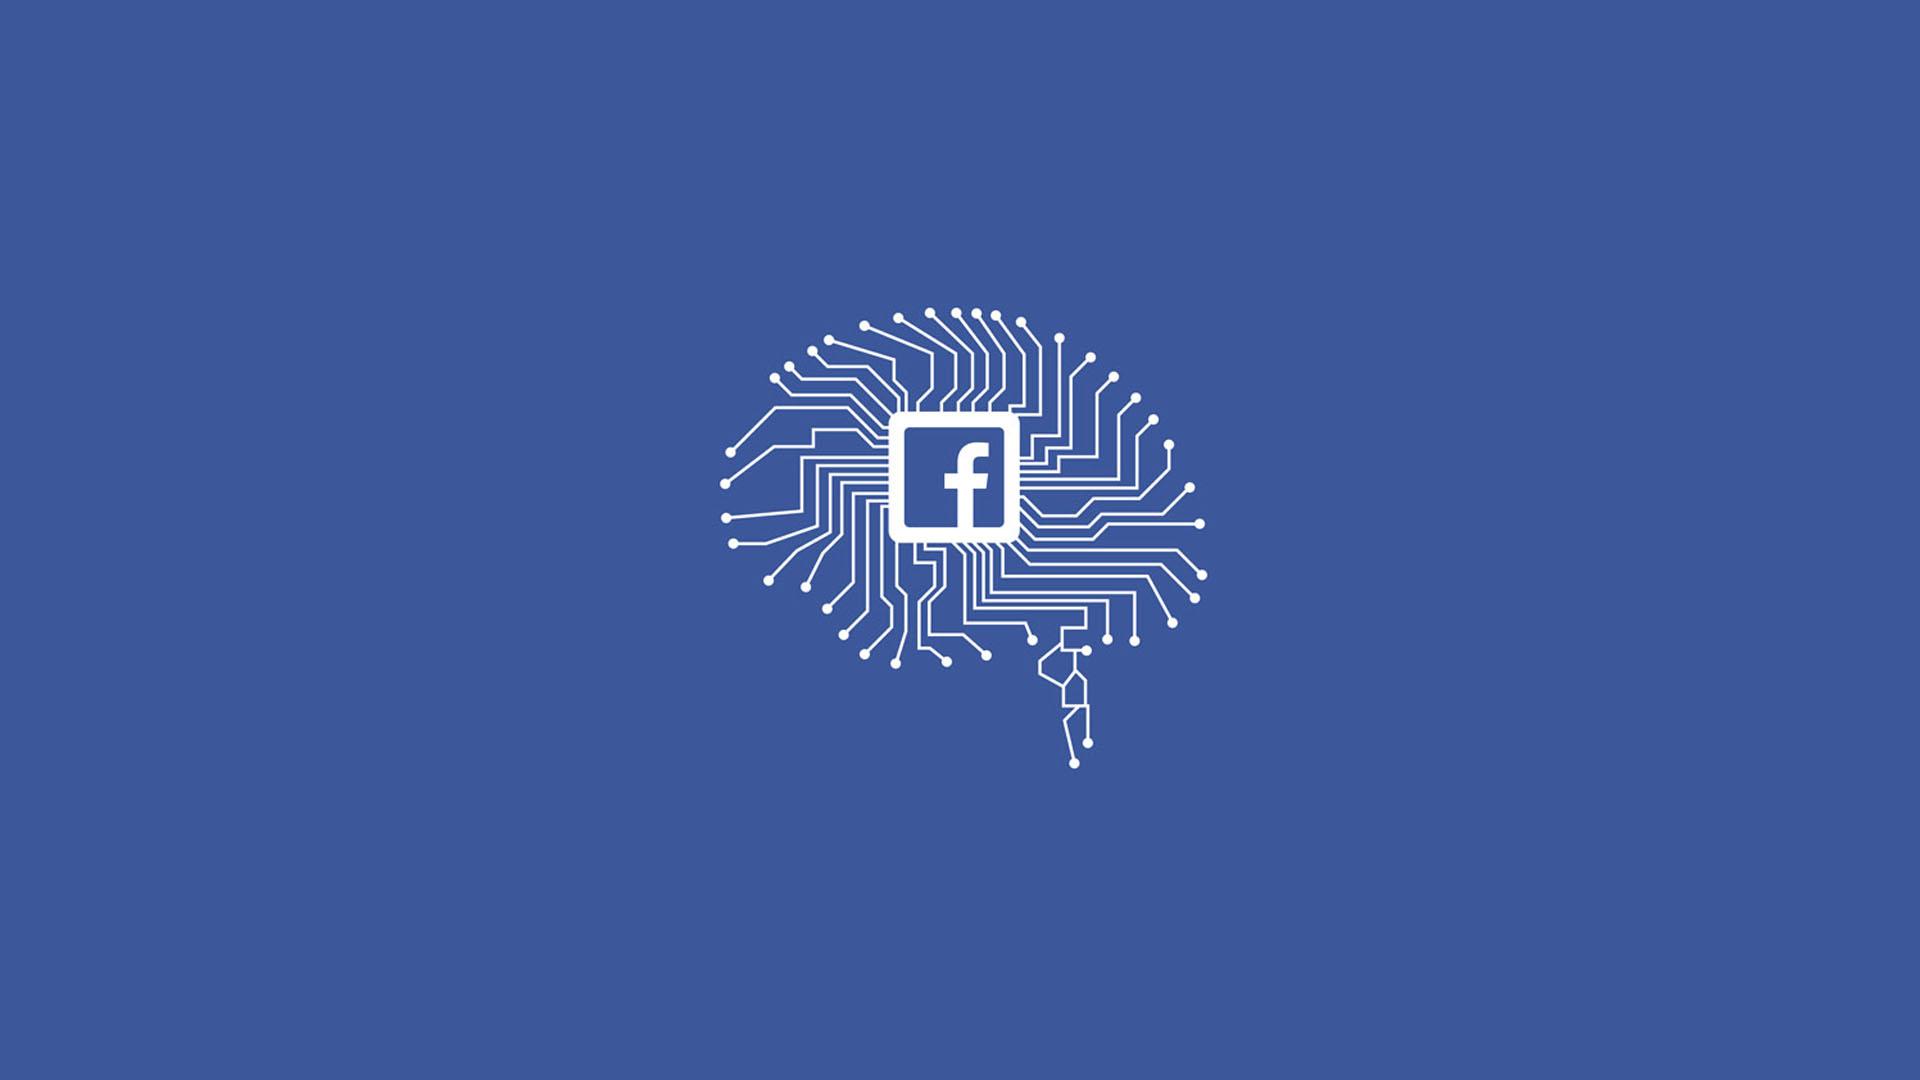 facebook lance building 8 un nouveau labo r d dirig par une ex de google tech numerama. Black Bedroom Furniture Sets. Home Design Ideas